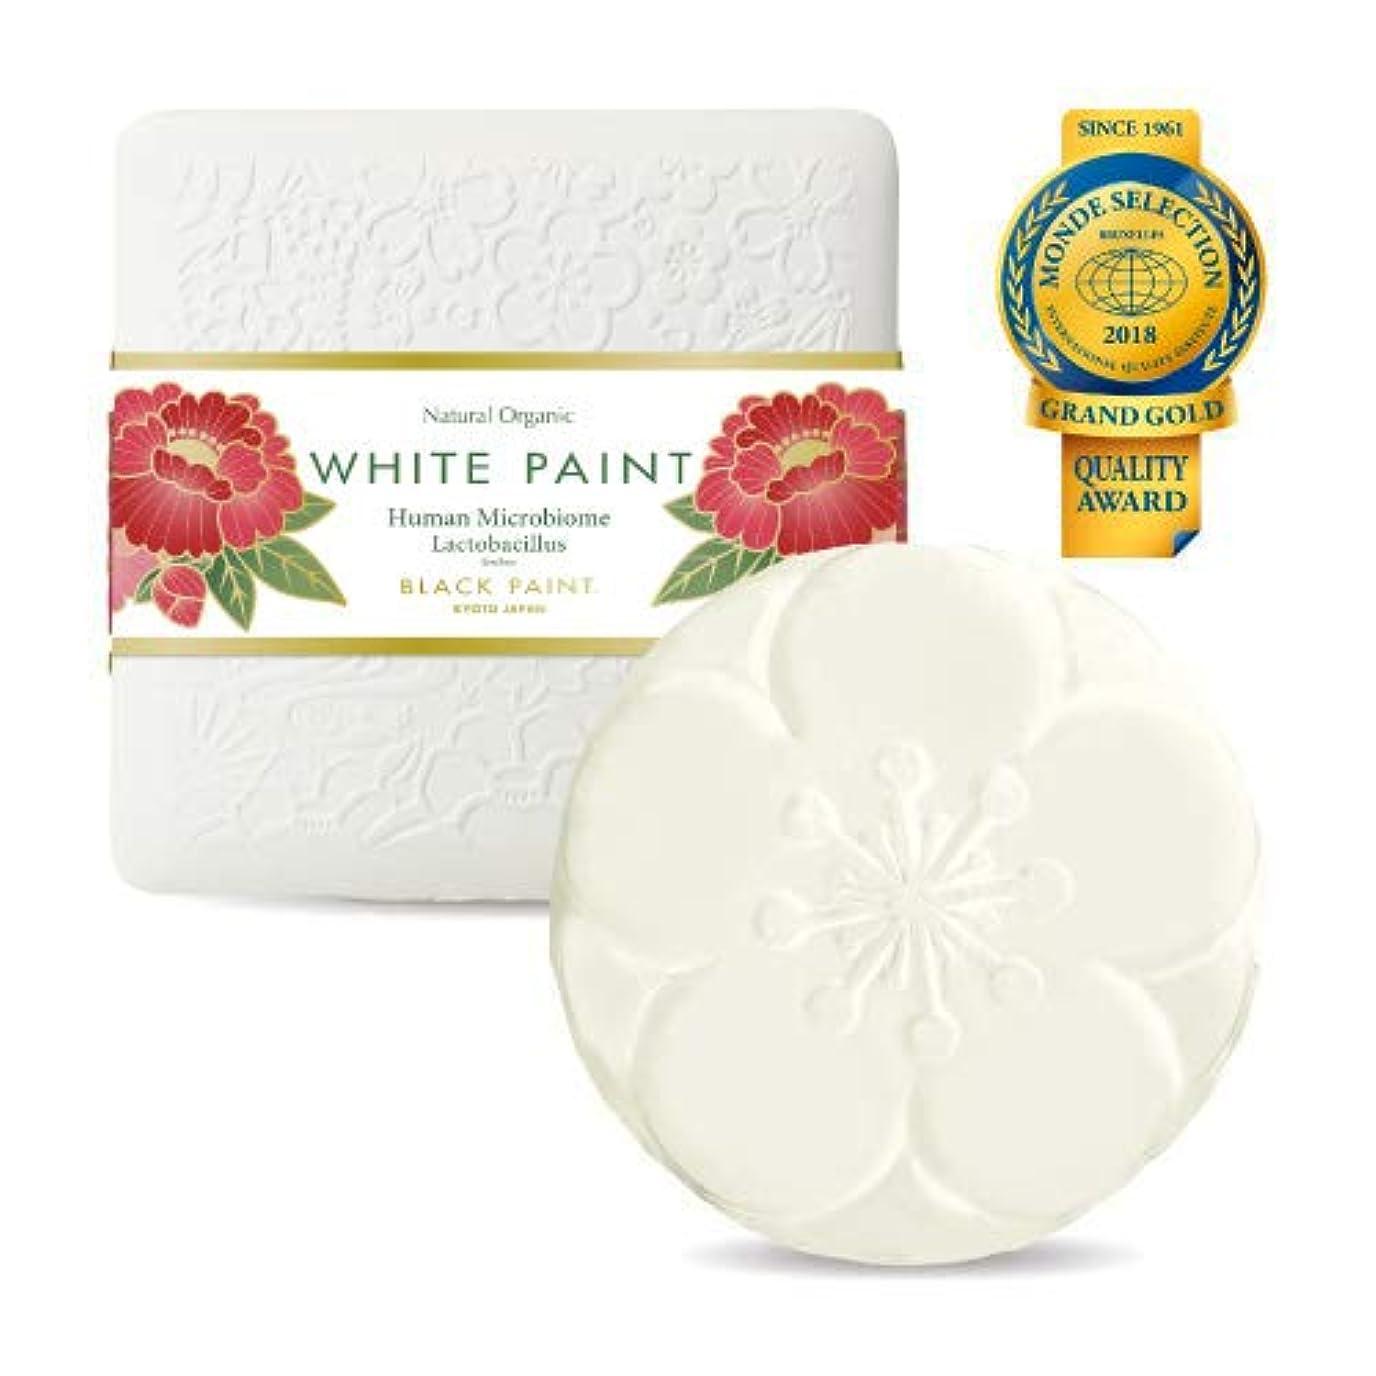 ビュッフェスタック電話する乳酸菌入り プレミアム ホワイトペイント 60g ハーフサイズ 塗る洗顔 石鹸 無添加 国産 …